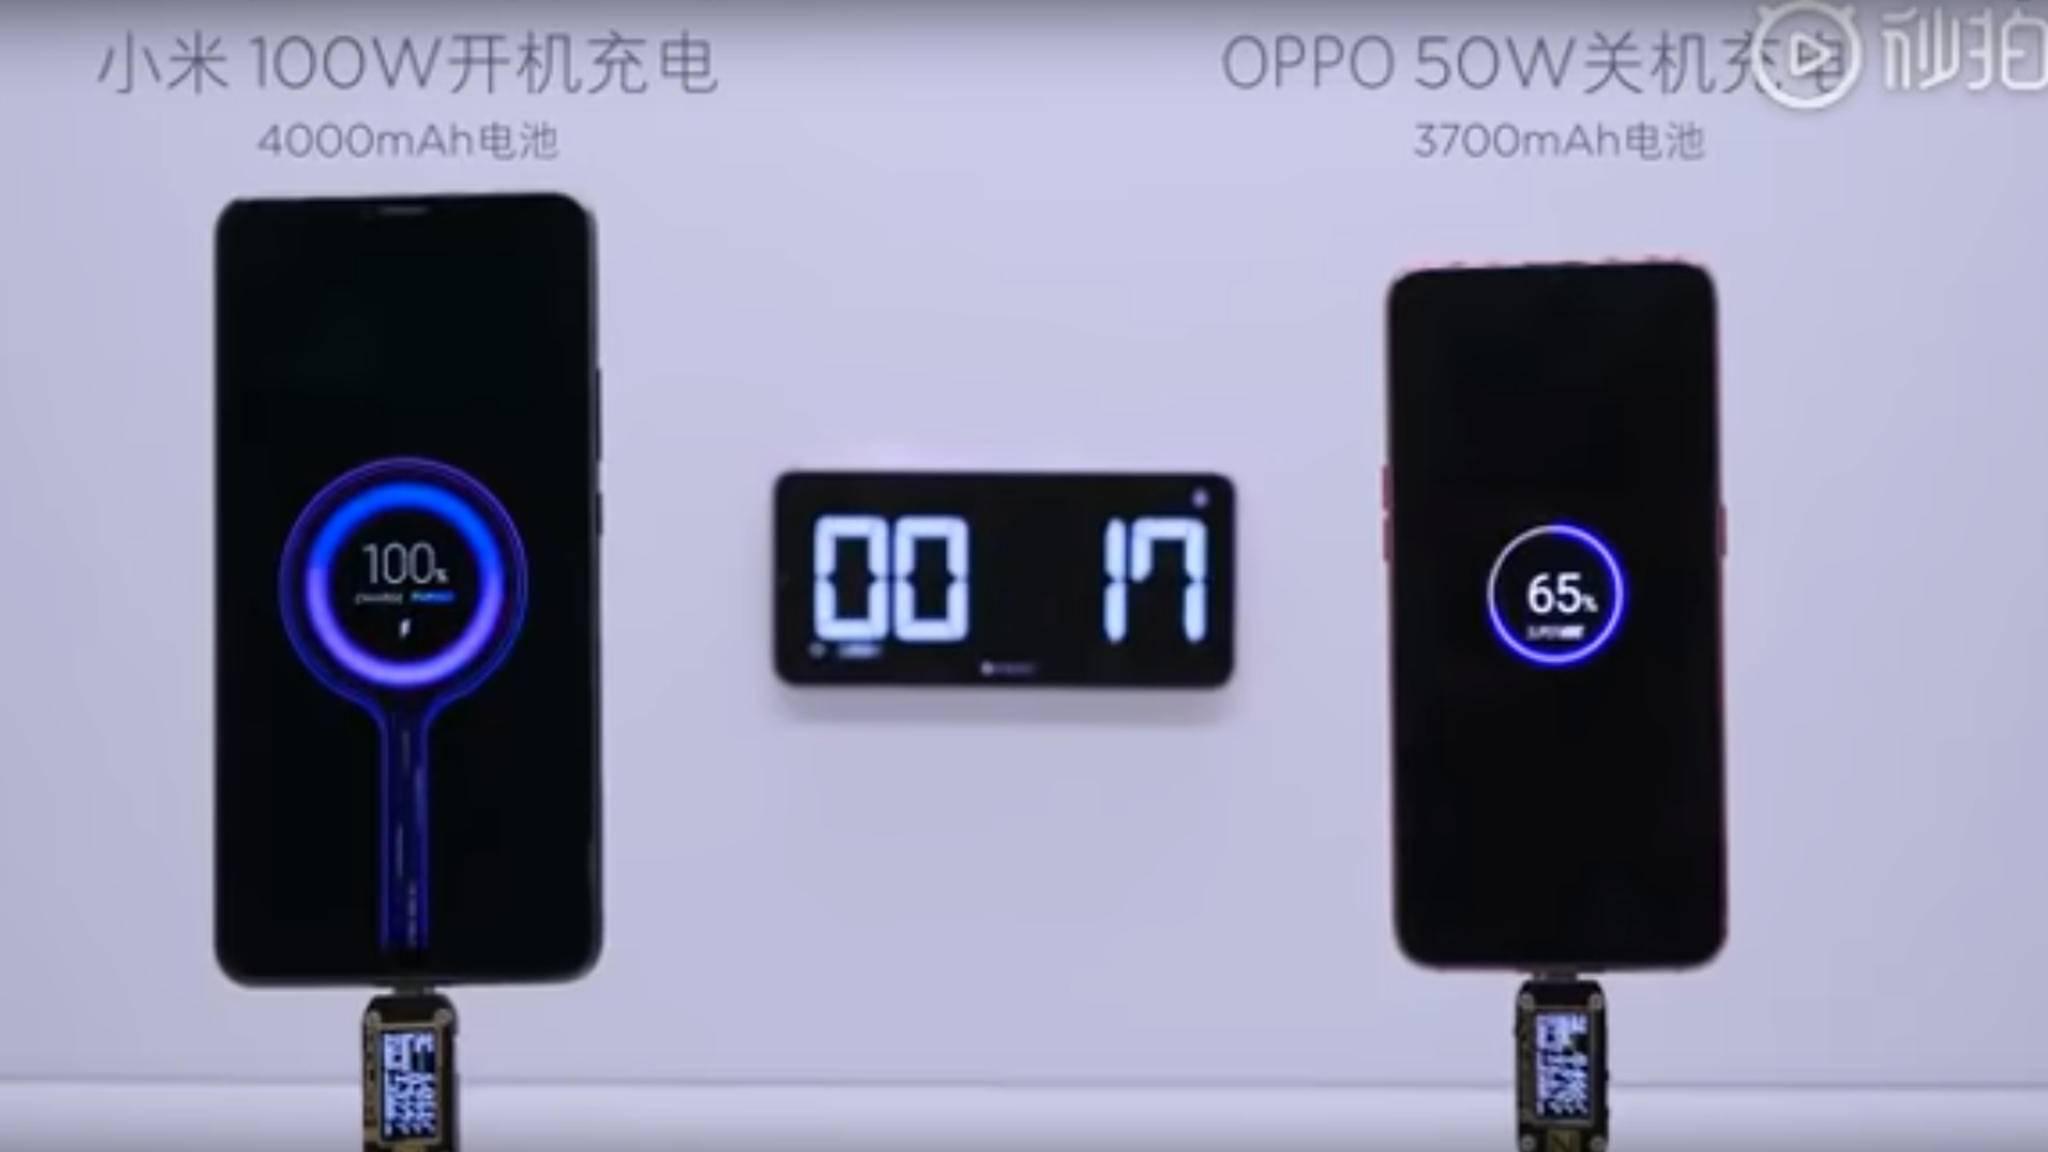 Bevor ein Xiaomi-Smartphone mit 100 Watt geladen werden kann, muss Xiaomi noch einige Herausforderungen meistern.